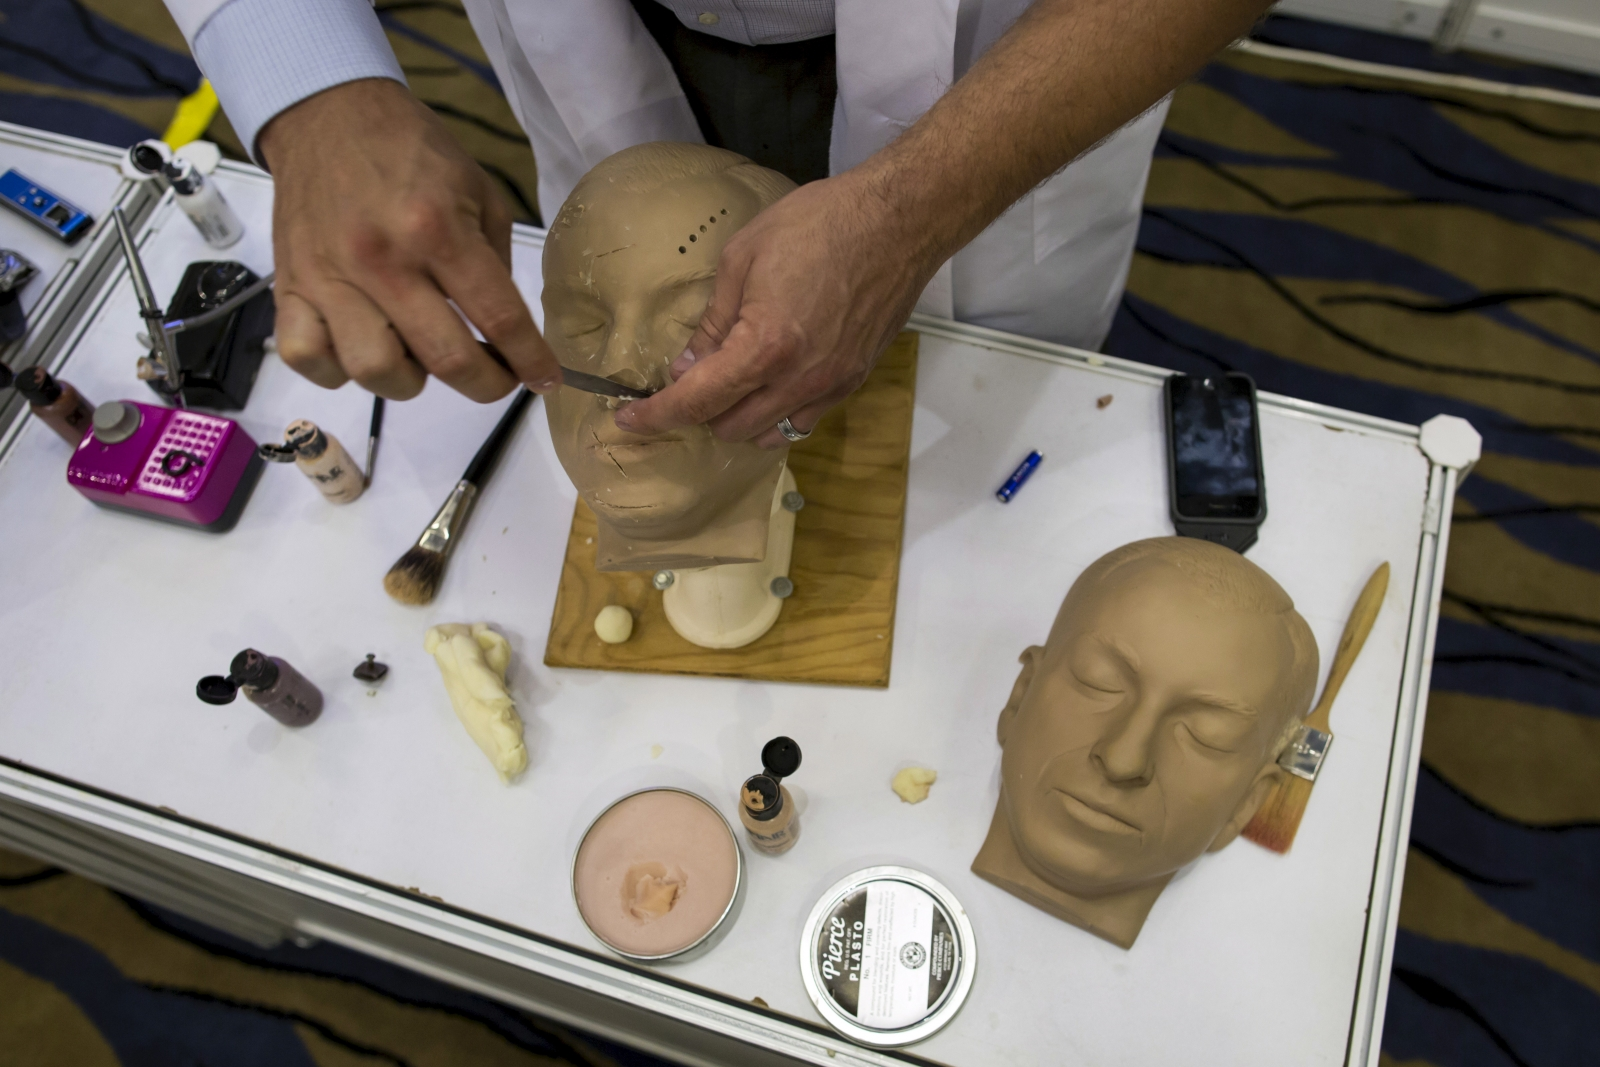 Corpse facial reconstruction